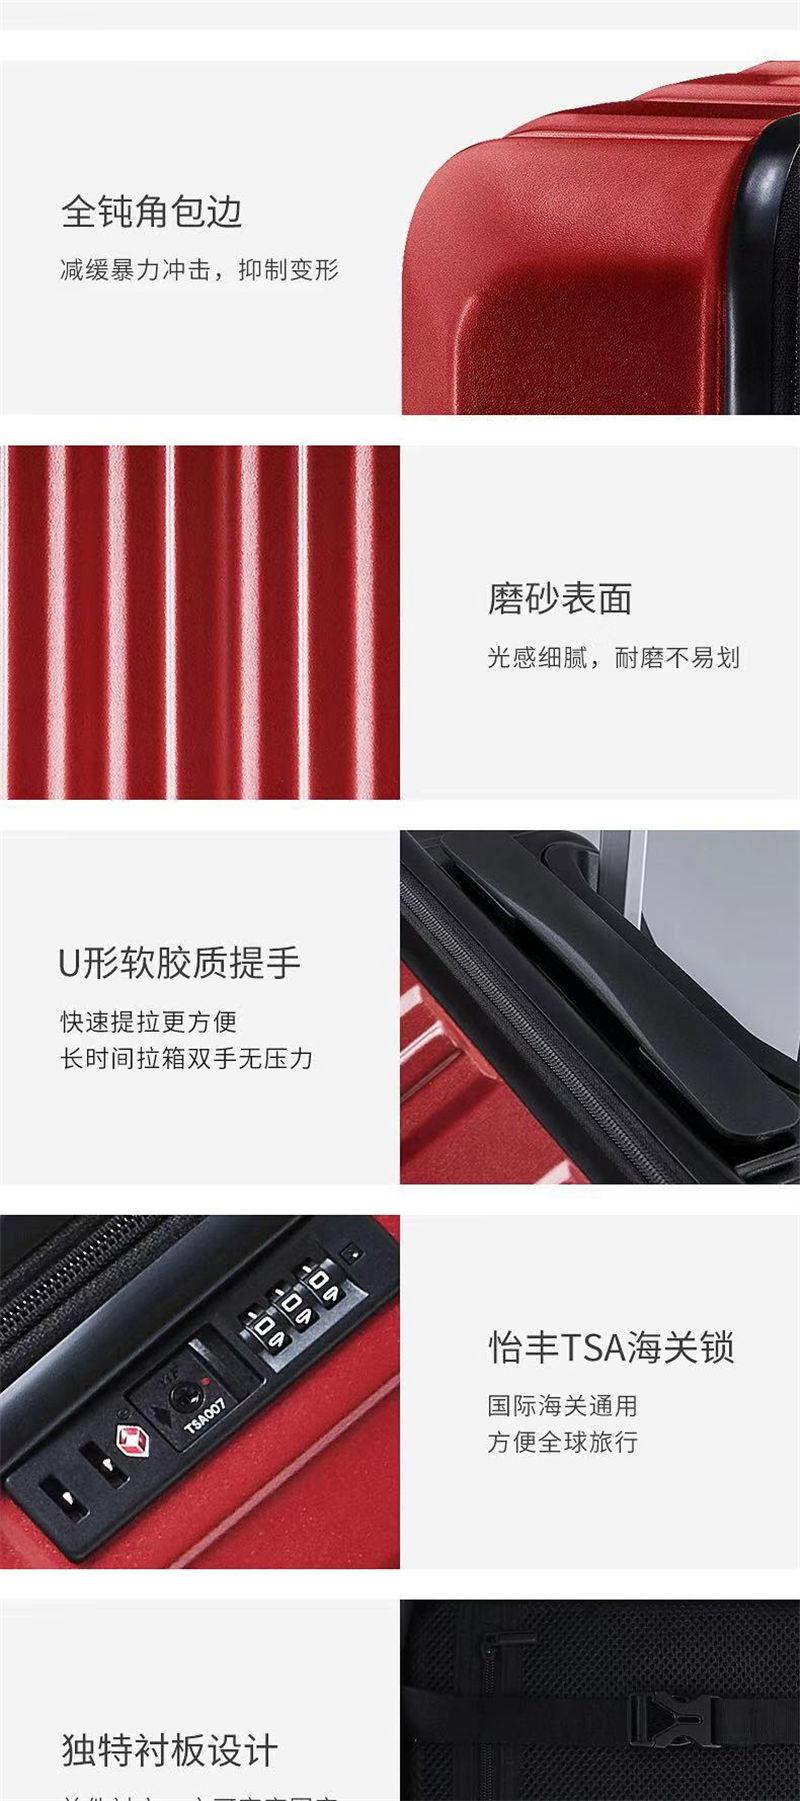 EBL高定系列菁英旅行箱行李箱20寸/红色/黑色/白色三色可选 包装